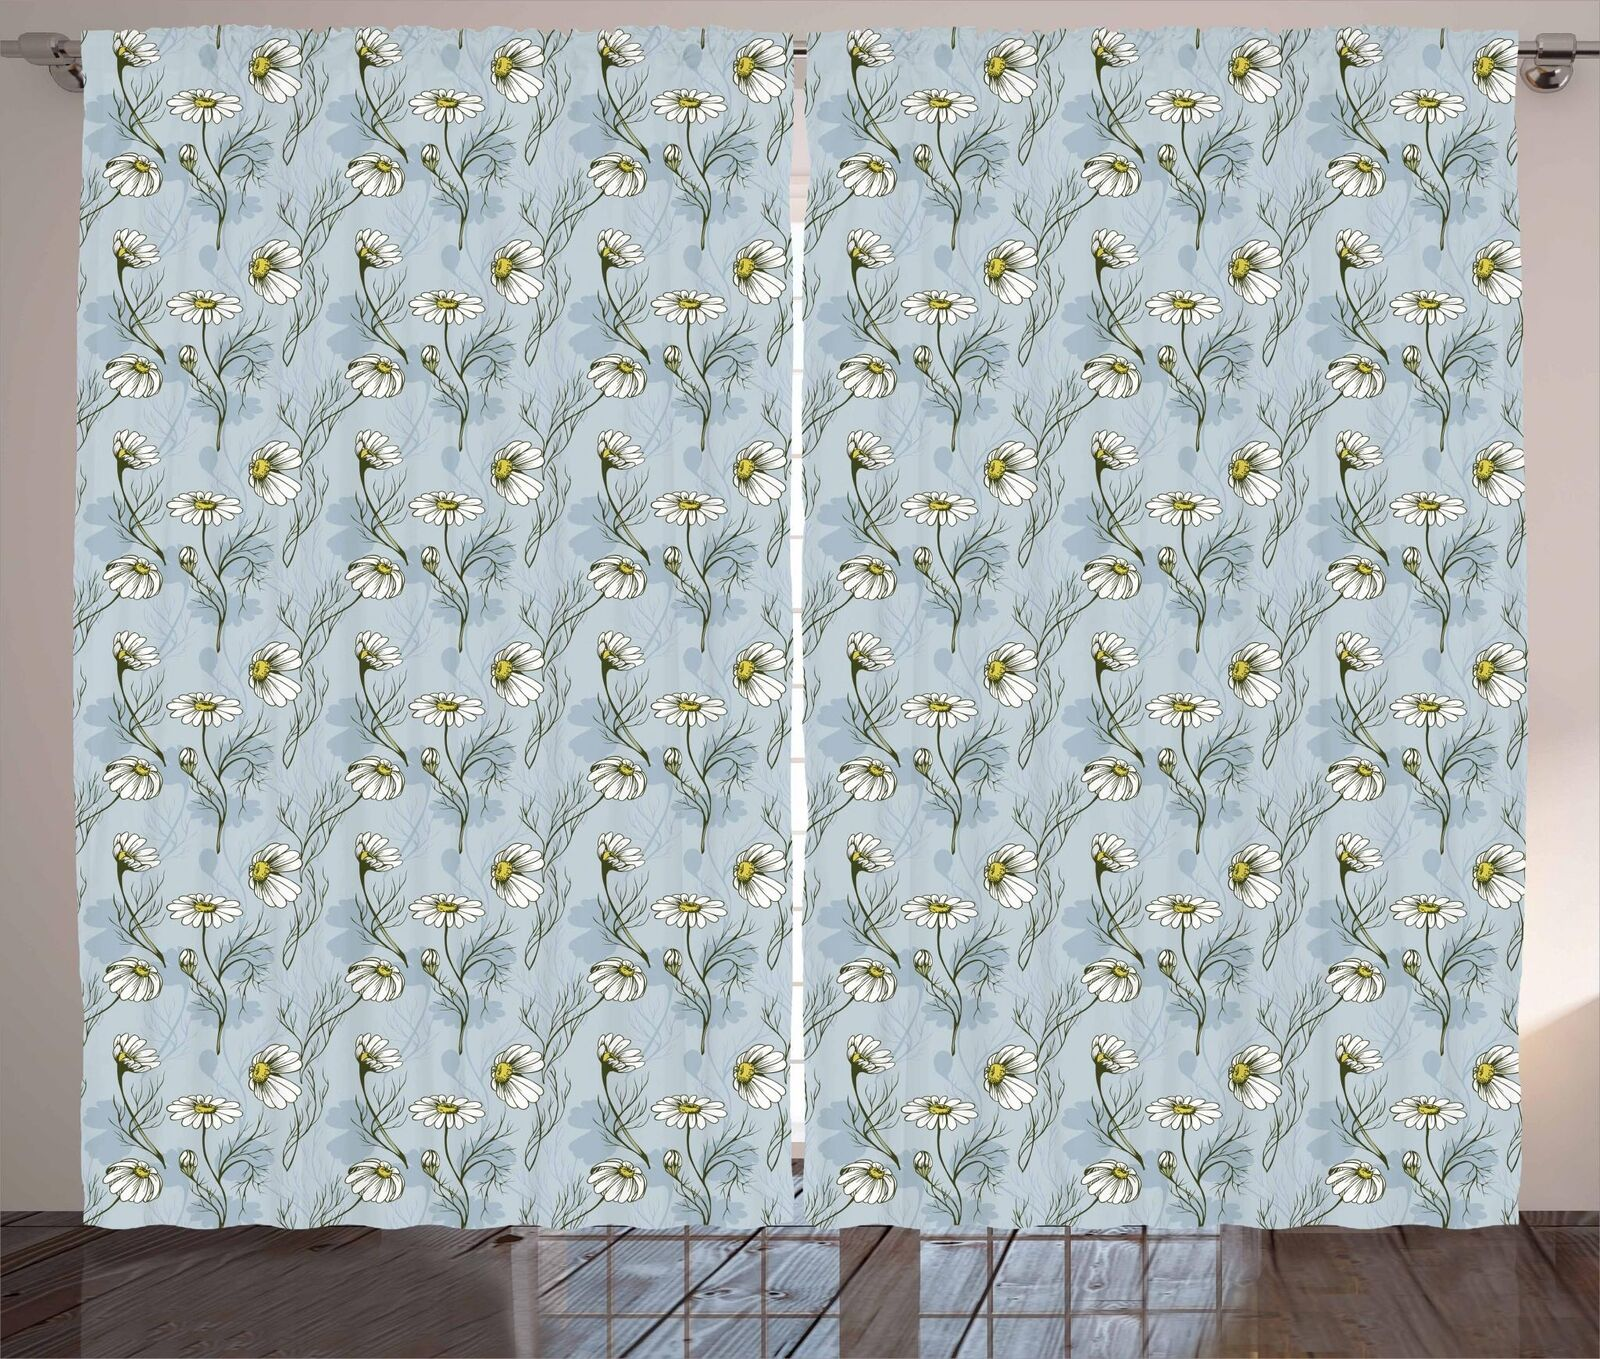 Daisy Cortinas 2 Panel Set para Decoración 5 Tamaños Disponibles Ventana Cortinas